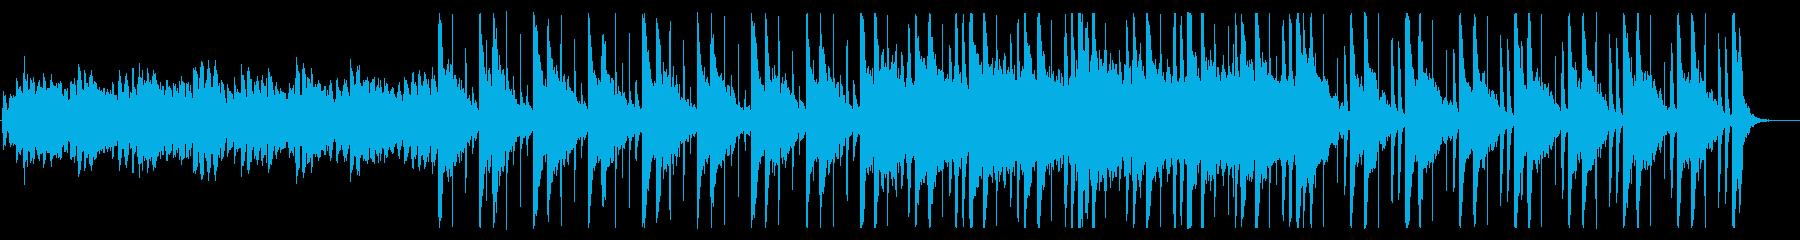 和を感じる切ないBGM_No604_2の再生済みの波形